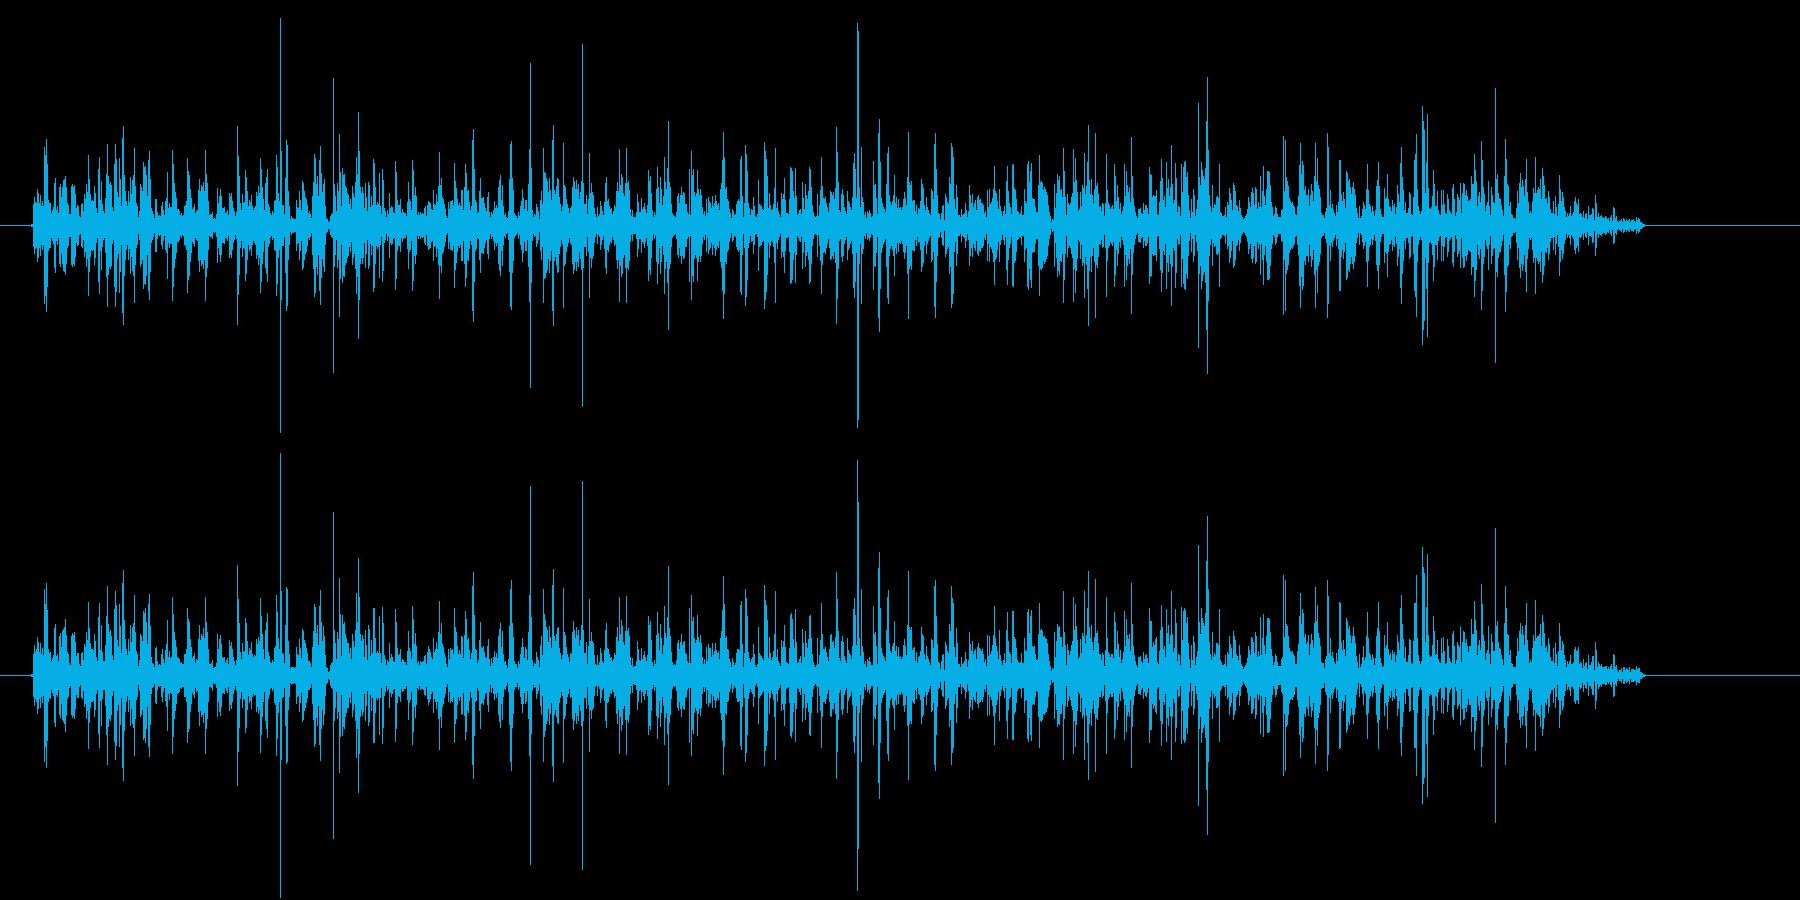 ぶくぶく(水の中で空気を出している音)の再生済みの波形